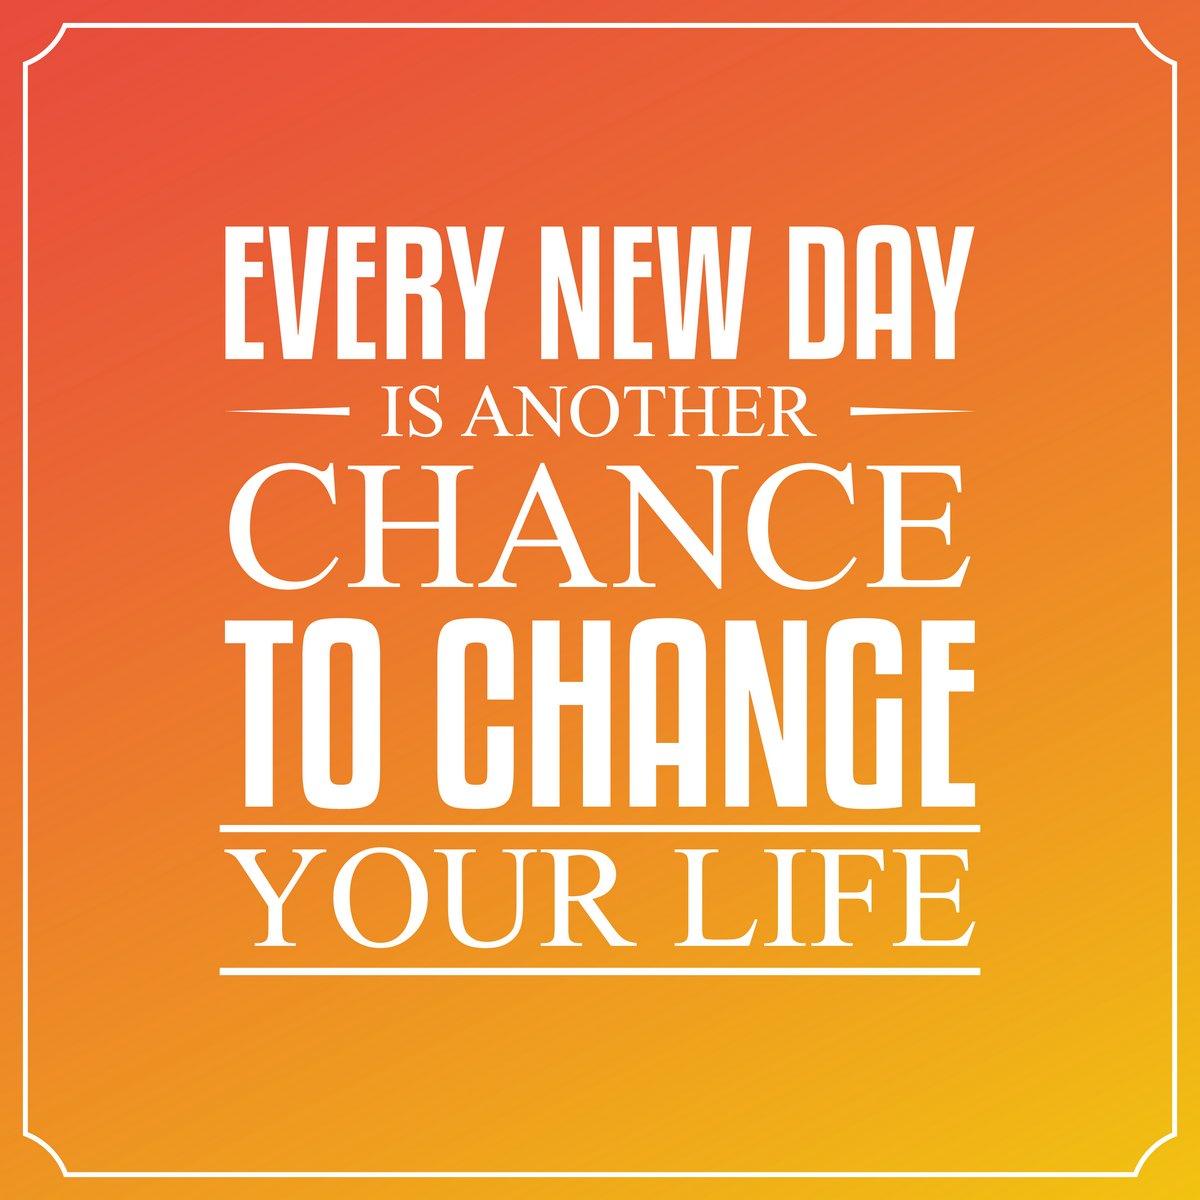 Постер-картина Мотивационный плакат Каждый новый день это еще один шанс изменить свою жизнь. Цитат Тип.Мотивационный плакат<br>Постер на холсте или бумаге. Любого нужного вам размера. В раме или без. Подвес в комплекте. Трехслойная надежная упаковка. Доставим в любую точку России. Вам осталось только повесить картину на стену!<br>